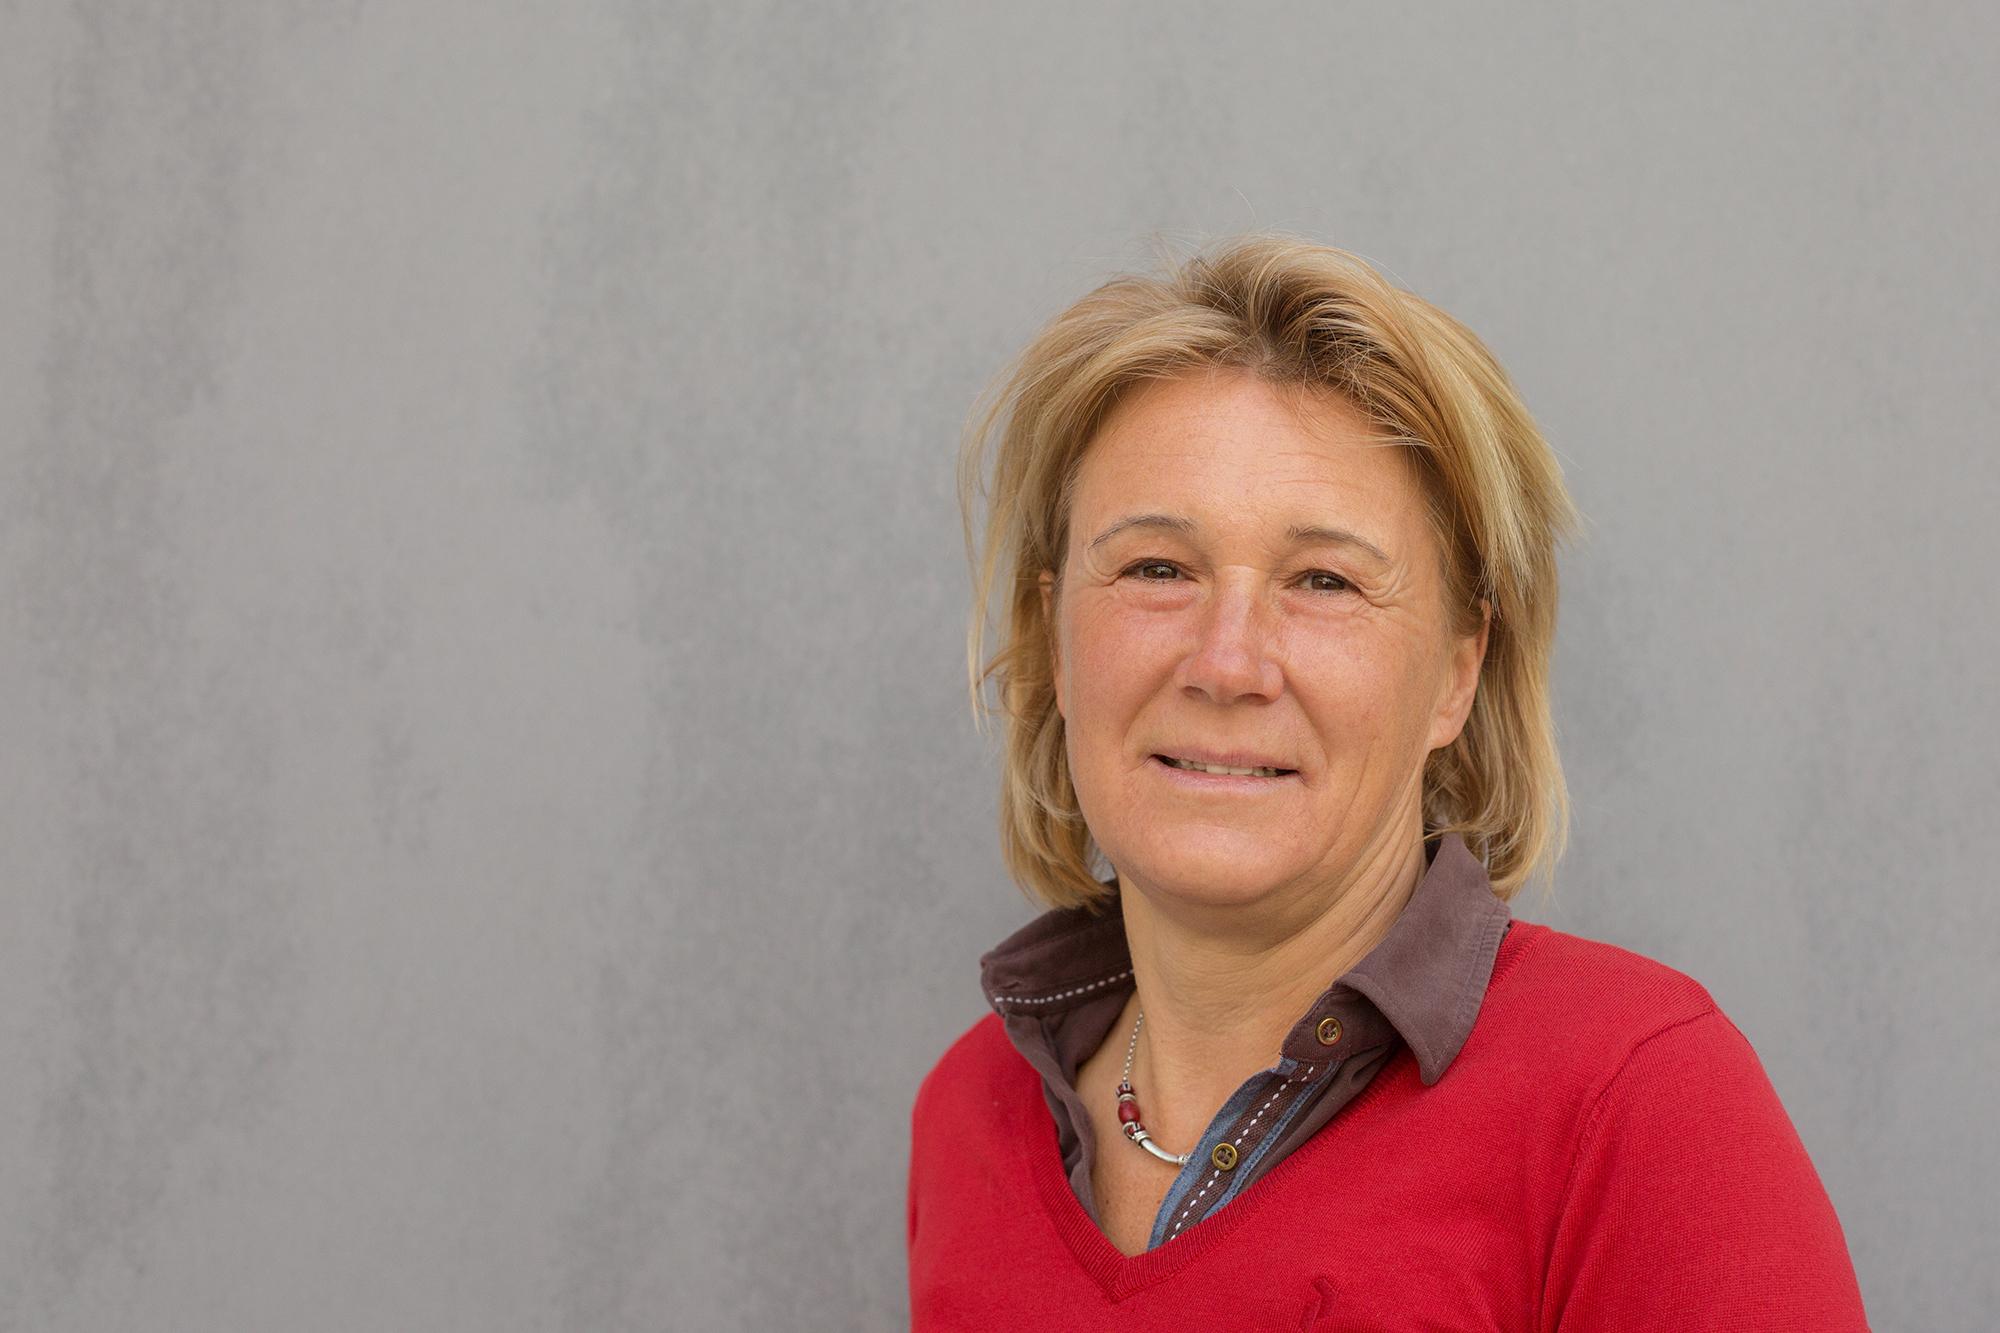 Patsy Van Baarle